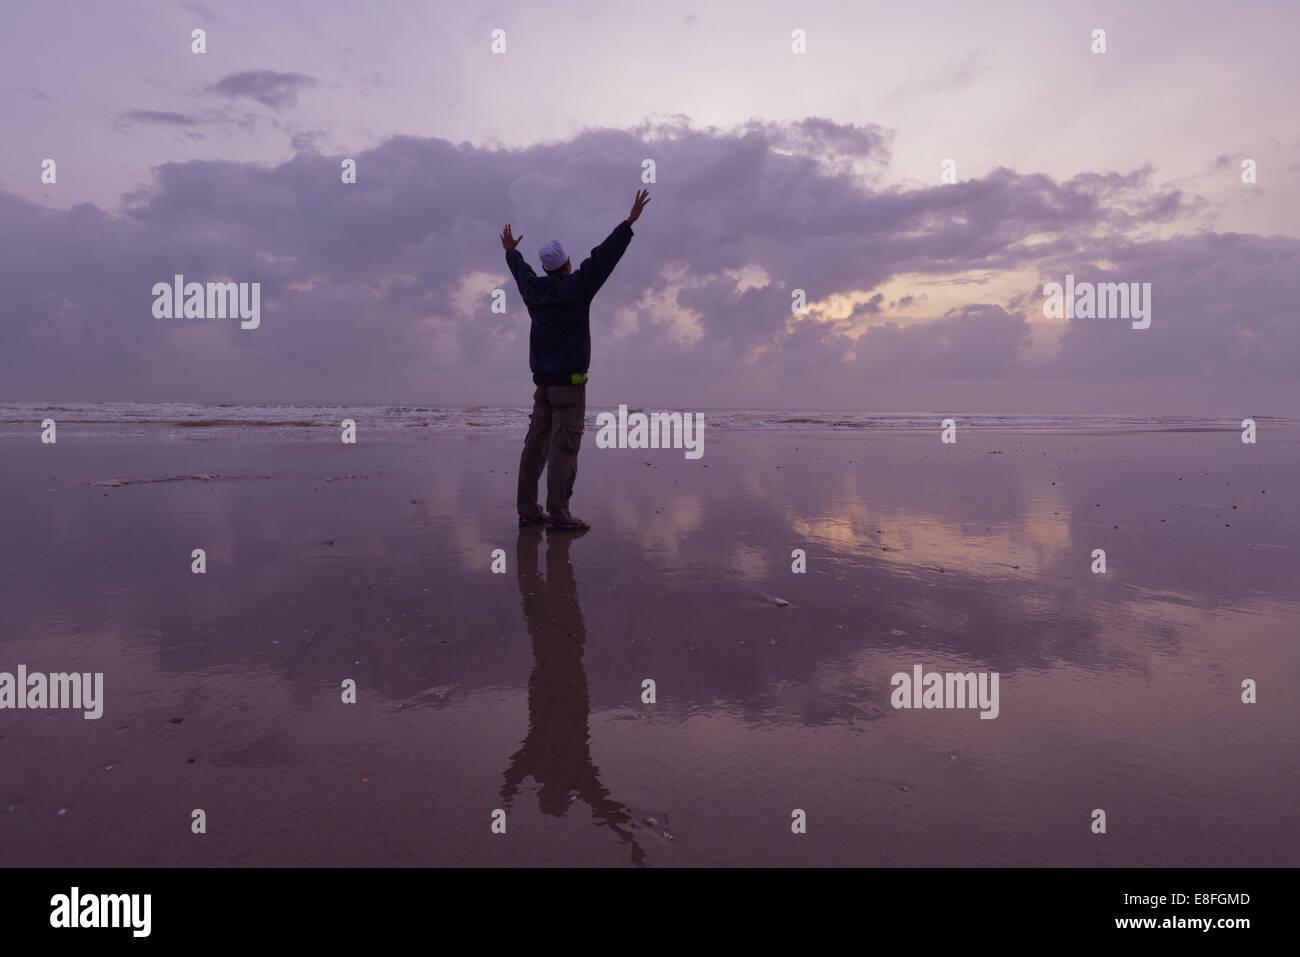 Malasia, Kuantan, la silueta del hombre en la playa por la mañana del día Imagen De Stock